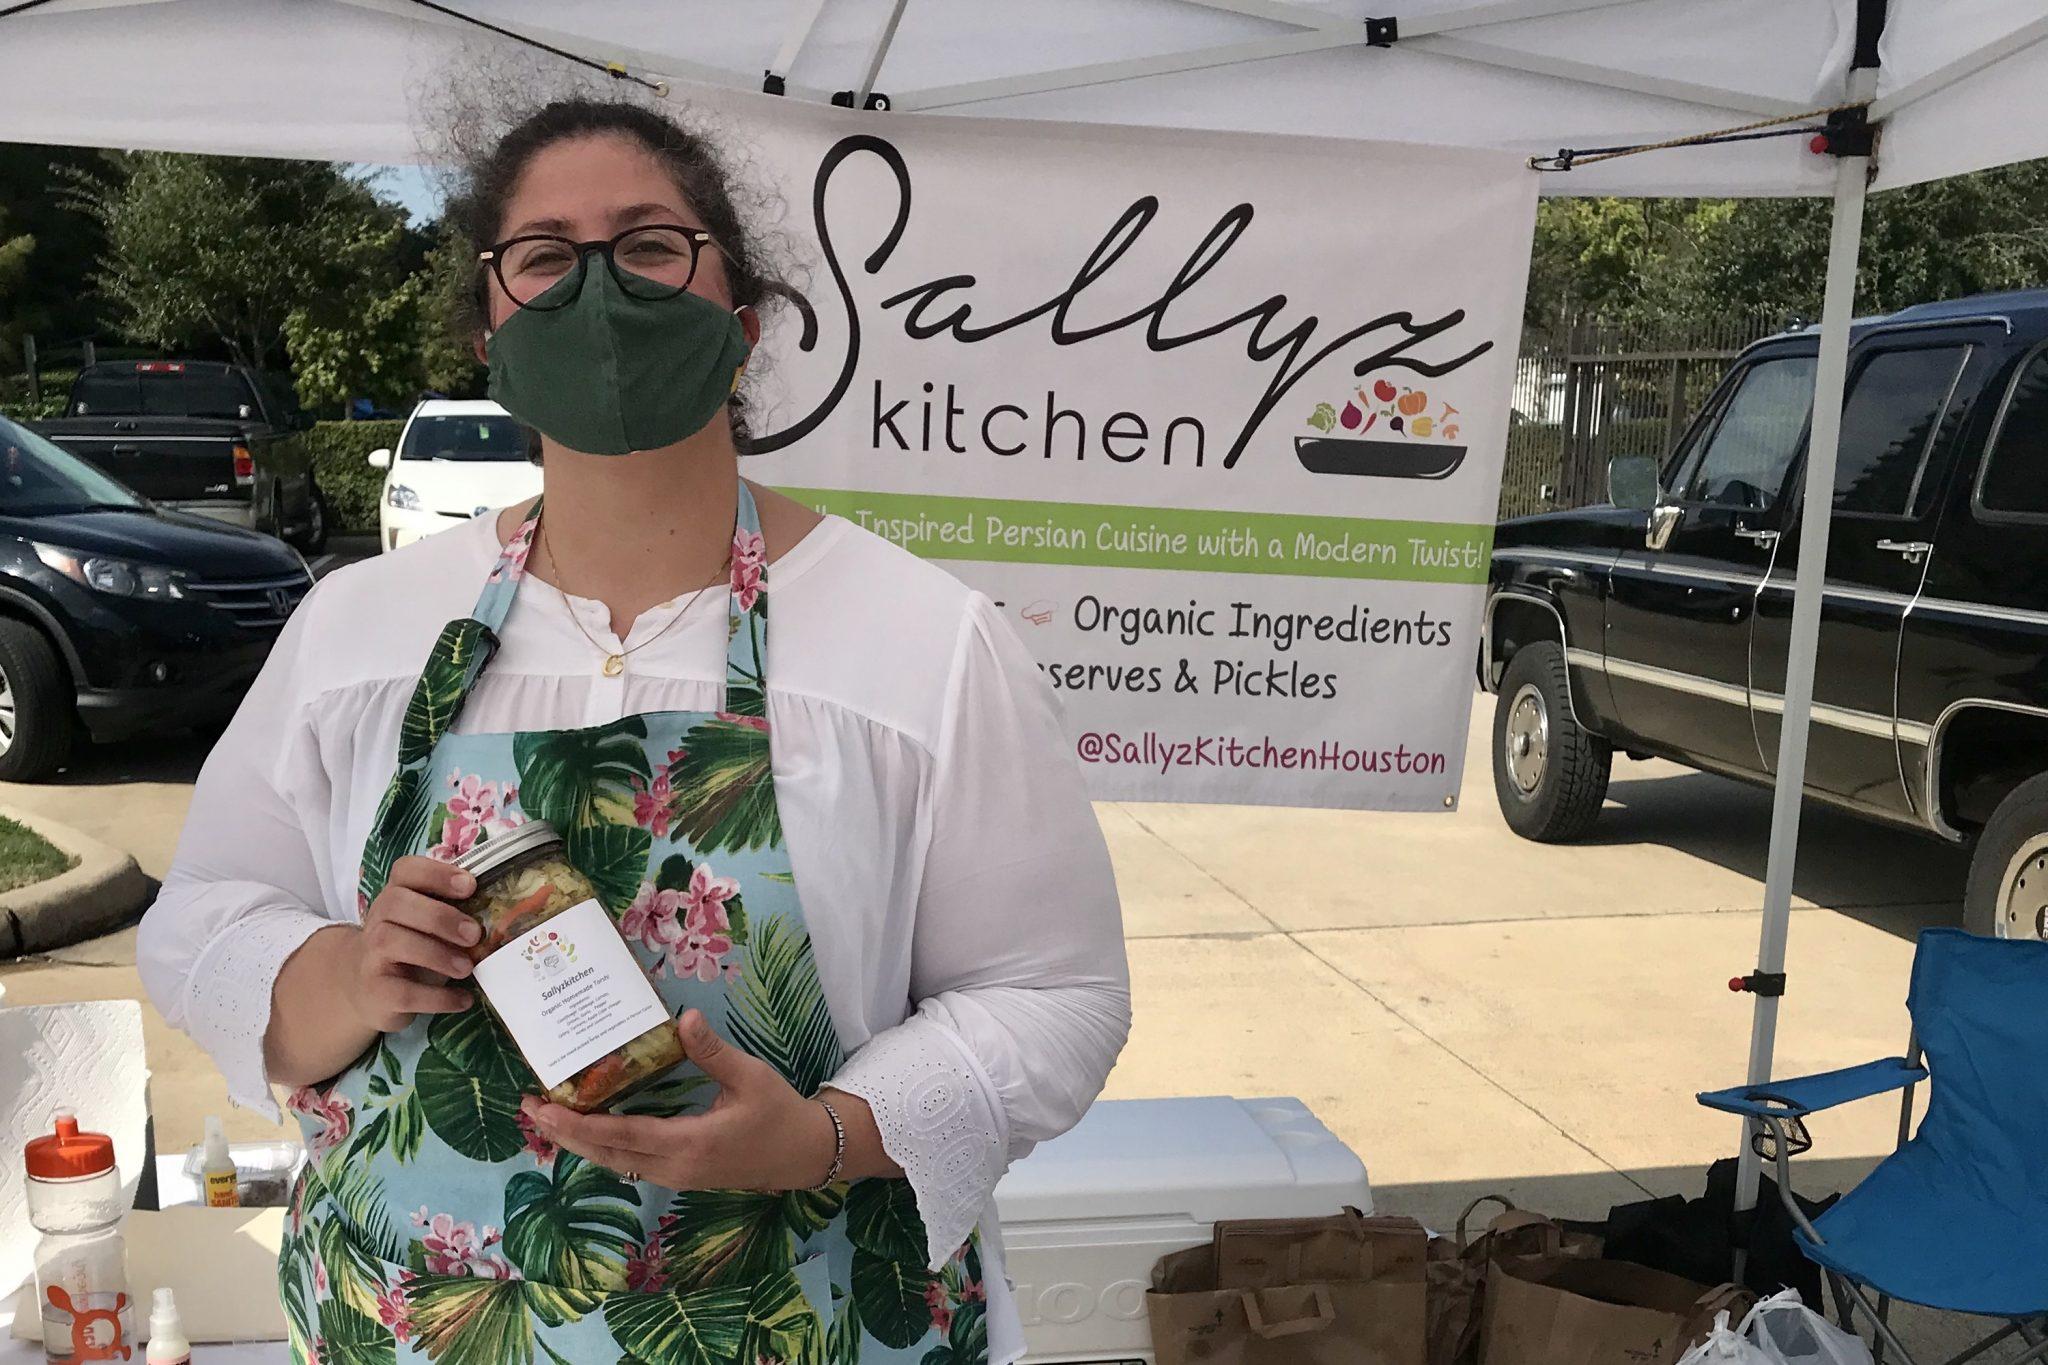 Sallyz Kitchen